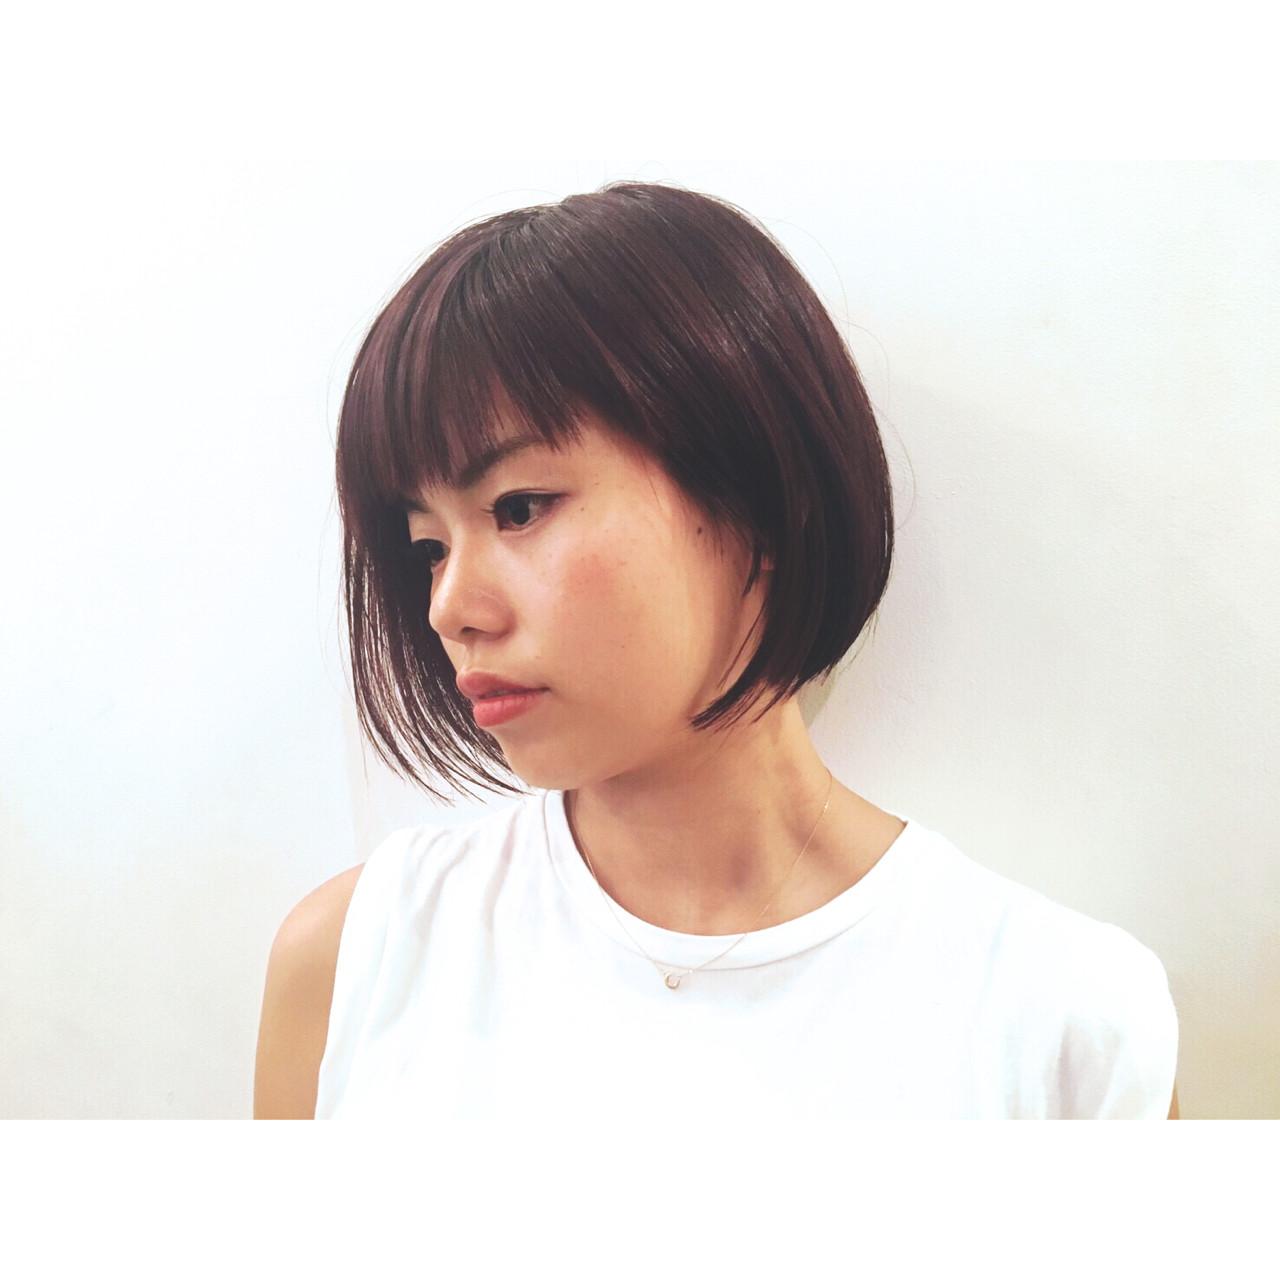 アシメバング ボブ モード ショート ヘアスタイルや髪型の写真・画像 | 芦原照成 / Nicole.